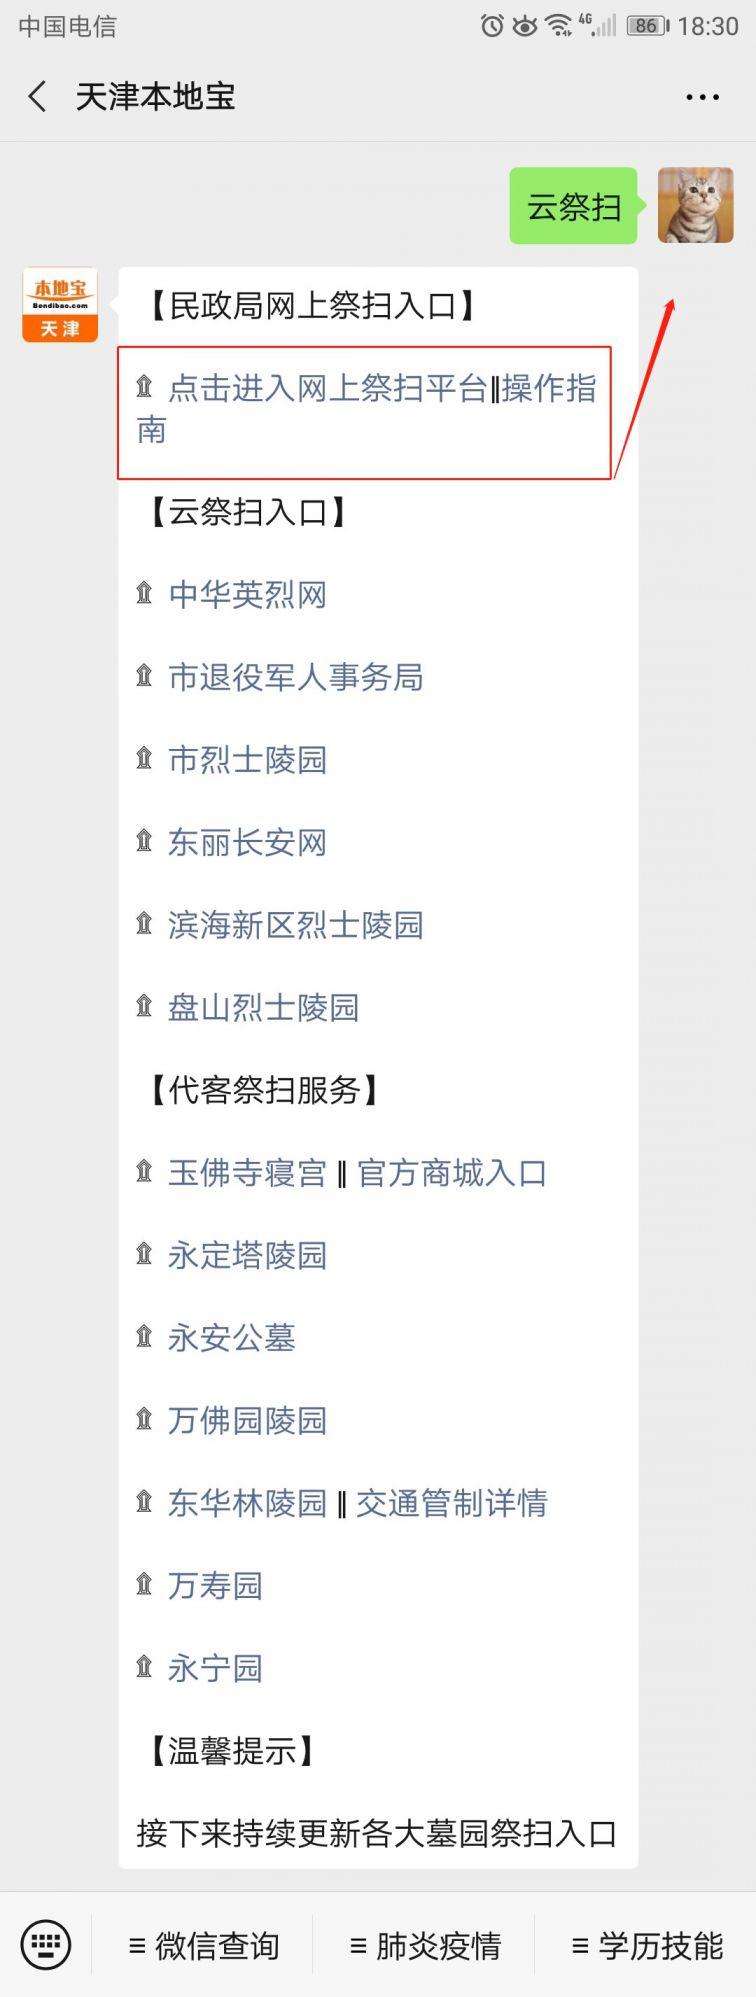 天津民政局云祭扫入口 流程(2020清明节期间)